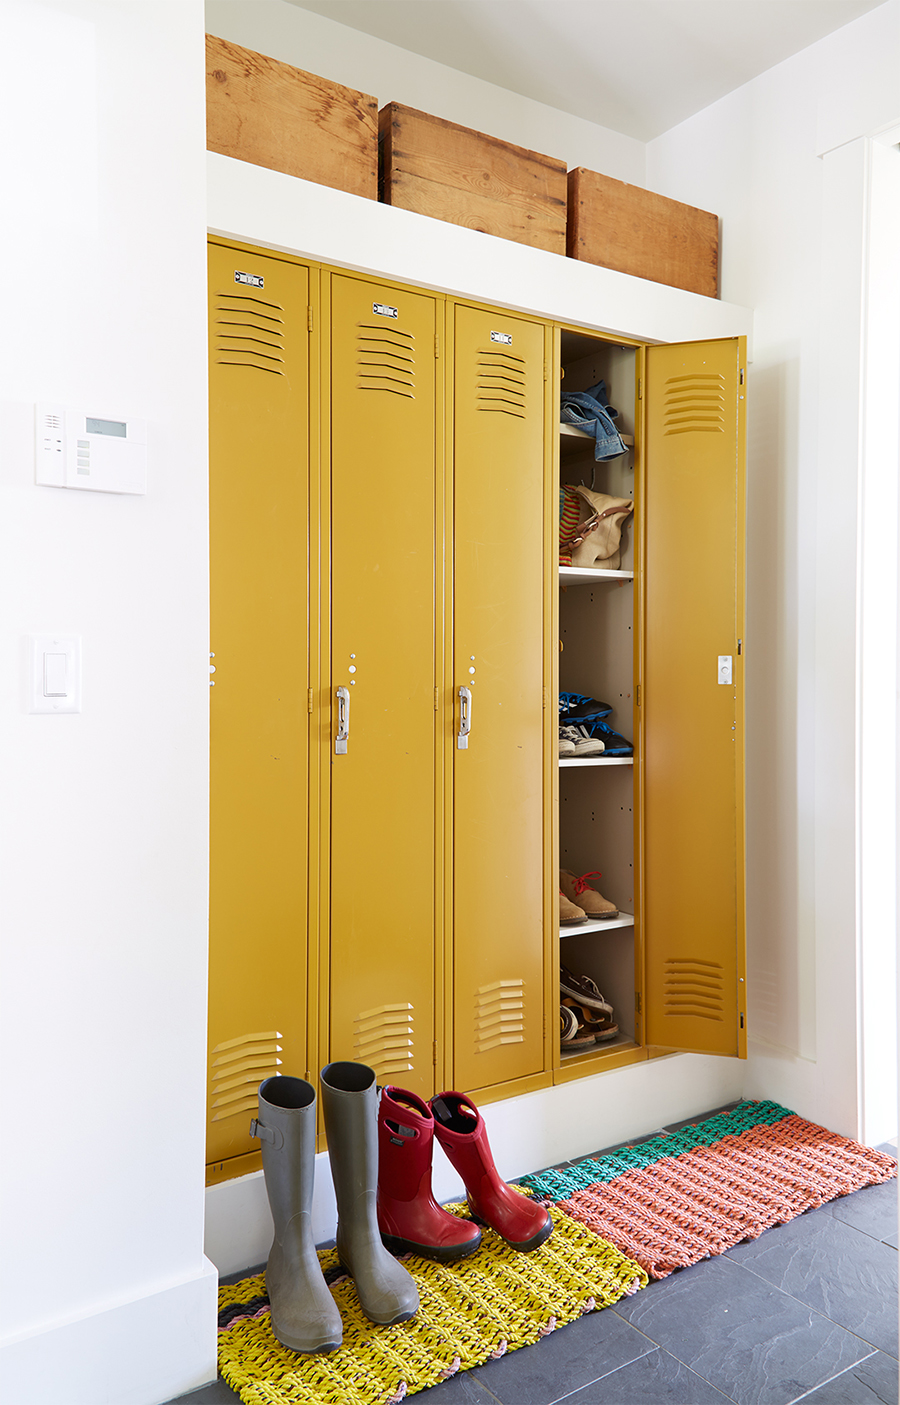 Cajas de organización pueden ir en las superficies de muebles altos.